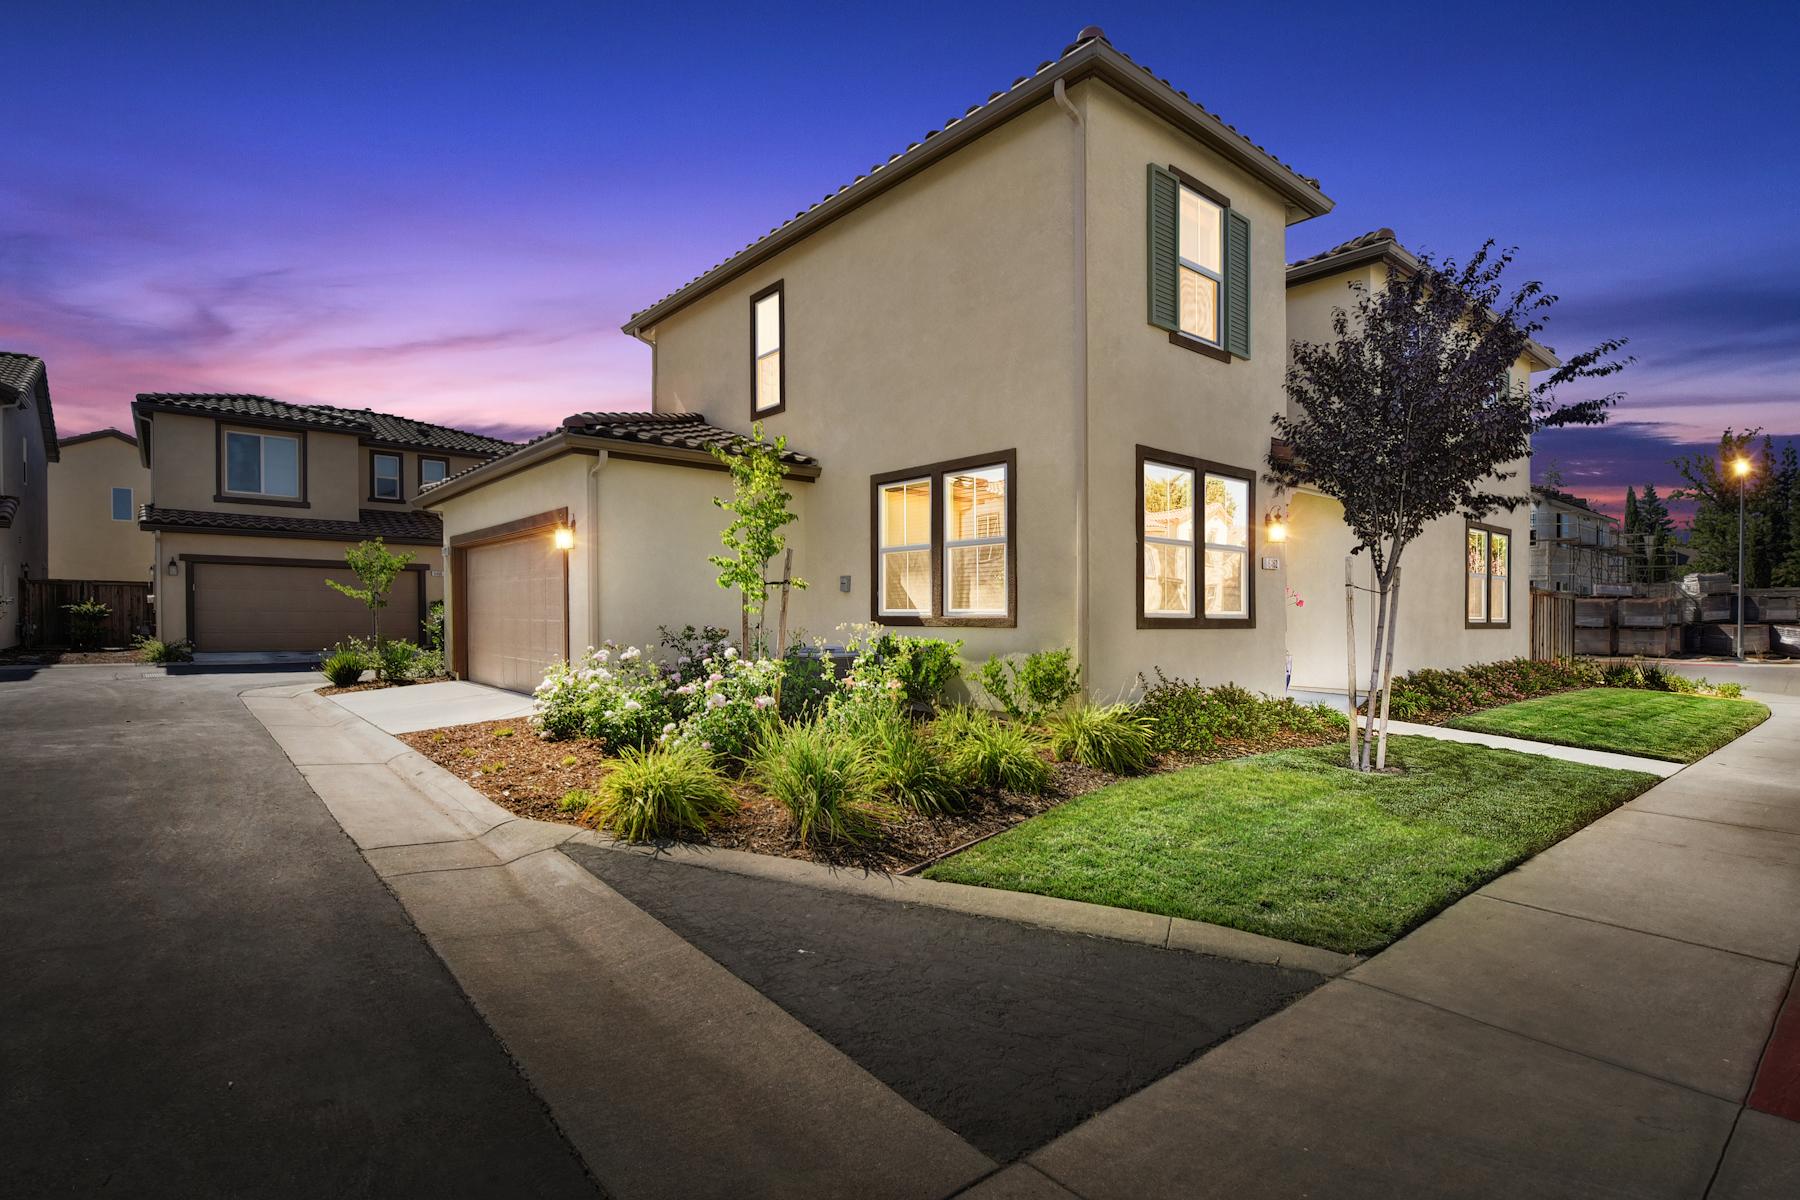 一戸建て のために 売買 アット 6462 Brando Loop, Fair Oaks, CA 95628 Fair Oaks, カリフォルニア 95628 アメリカ合衆国